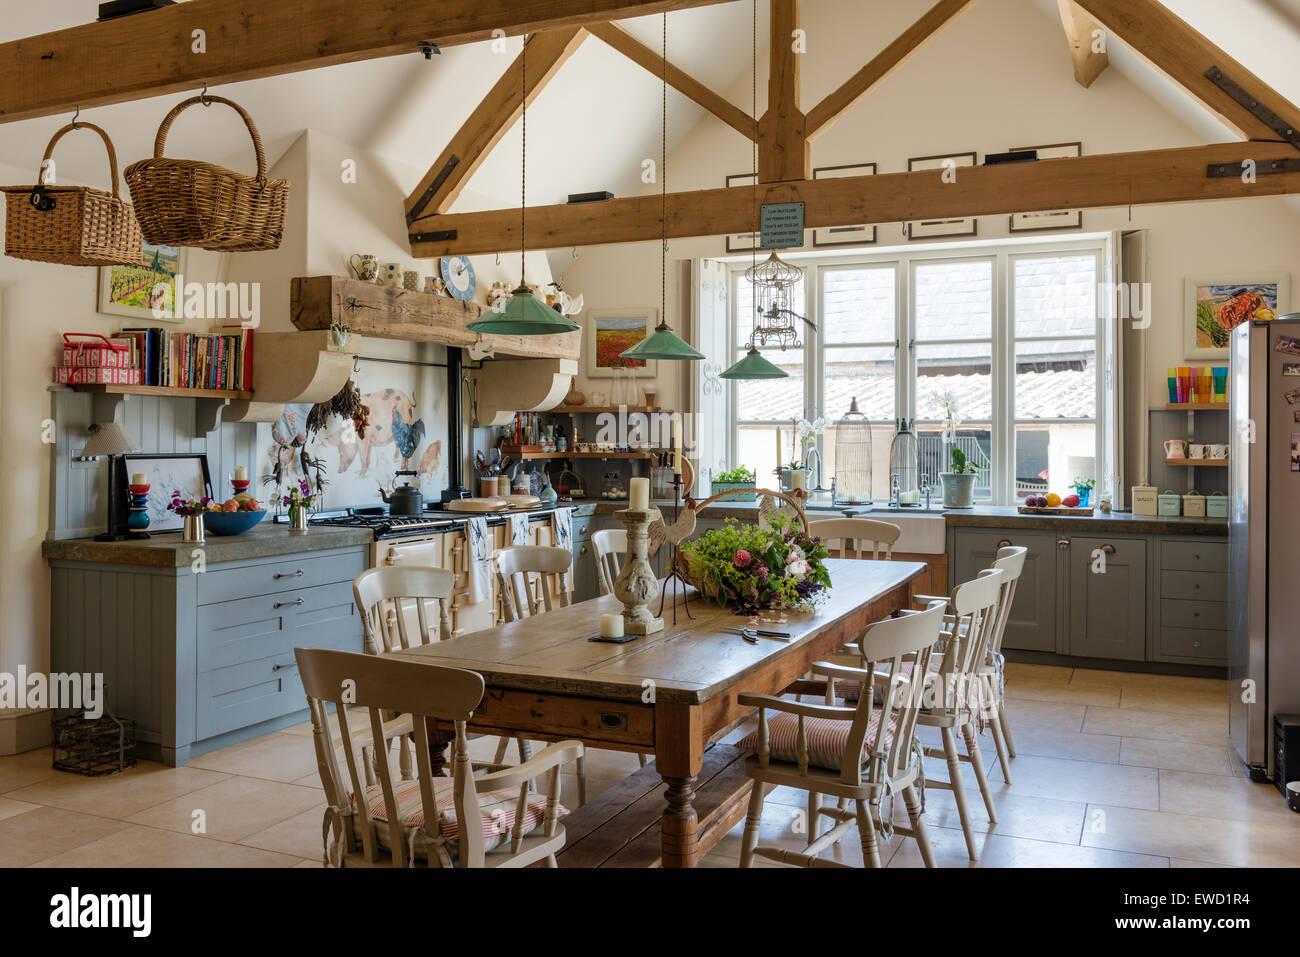 Innenarchitektur Küche Vintage Ideen Von Bauernhof-tisch Im Rustikalen Küche Mit Grünen Pendelleuchten